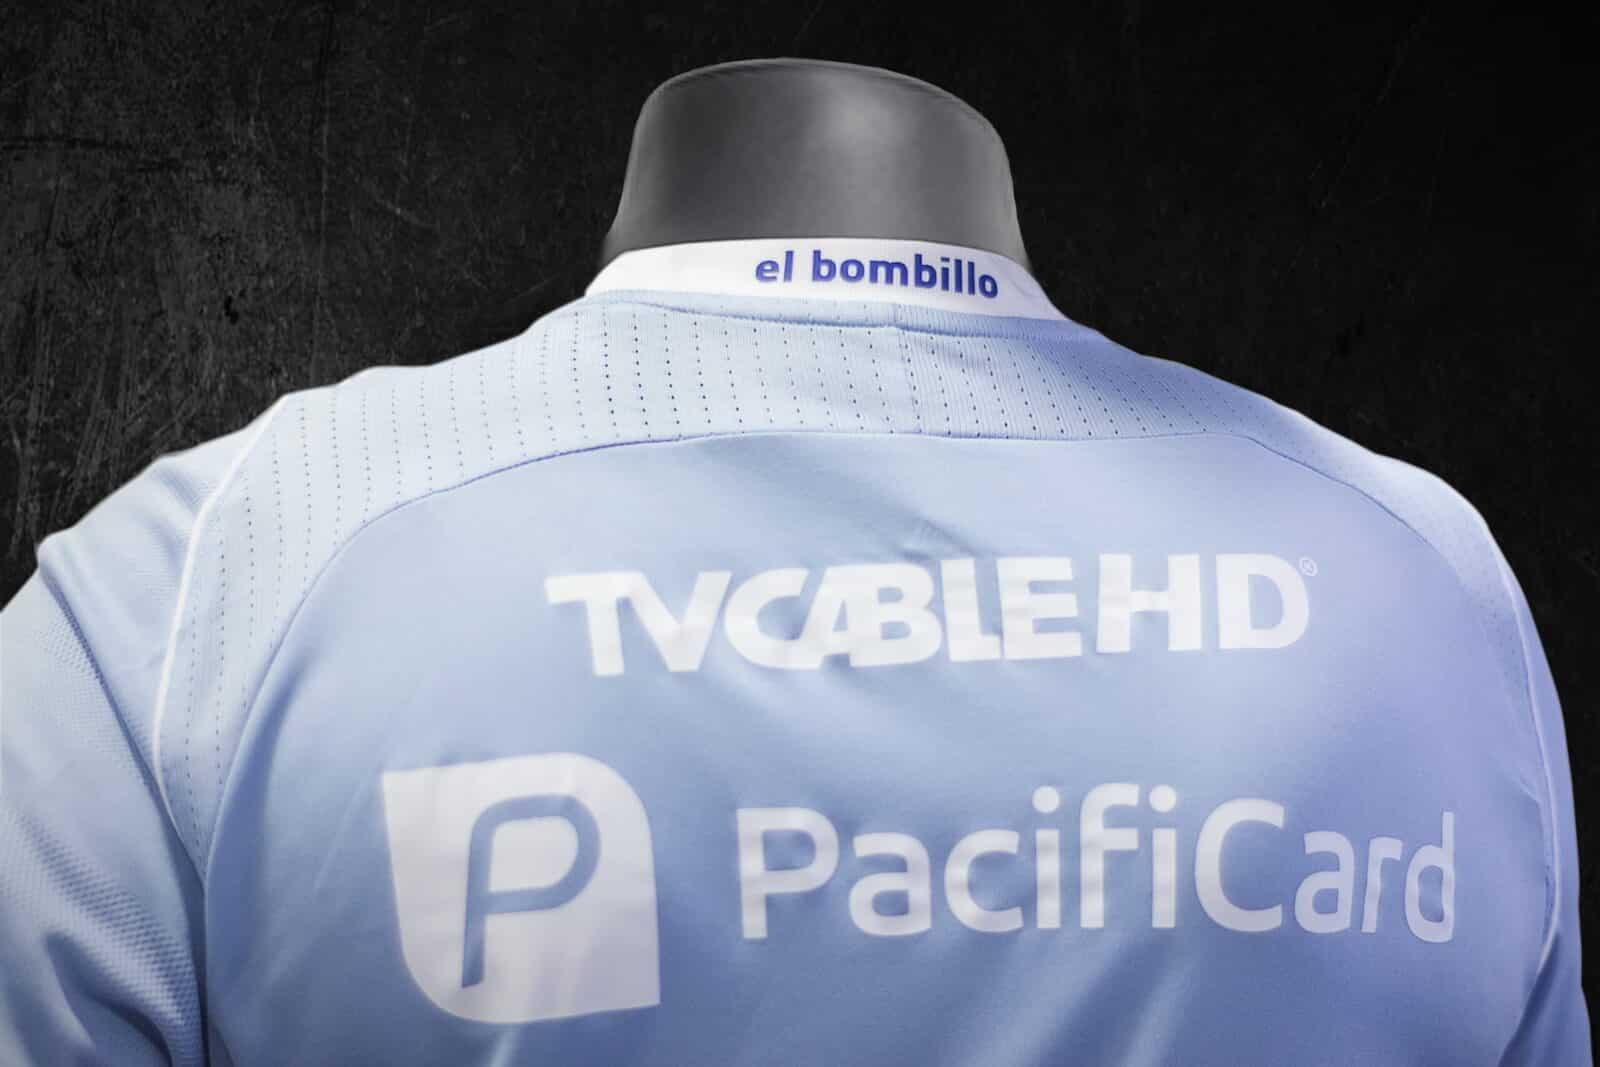 la tercera camiseta de emelec para torneos internacionales